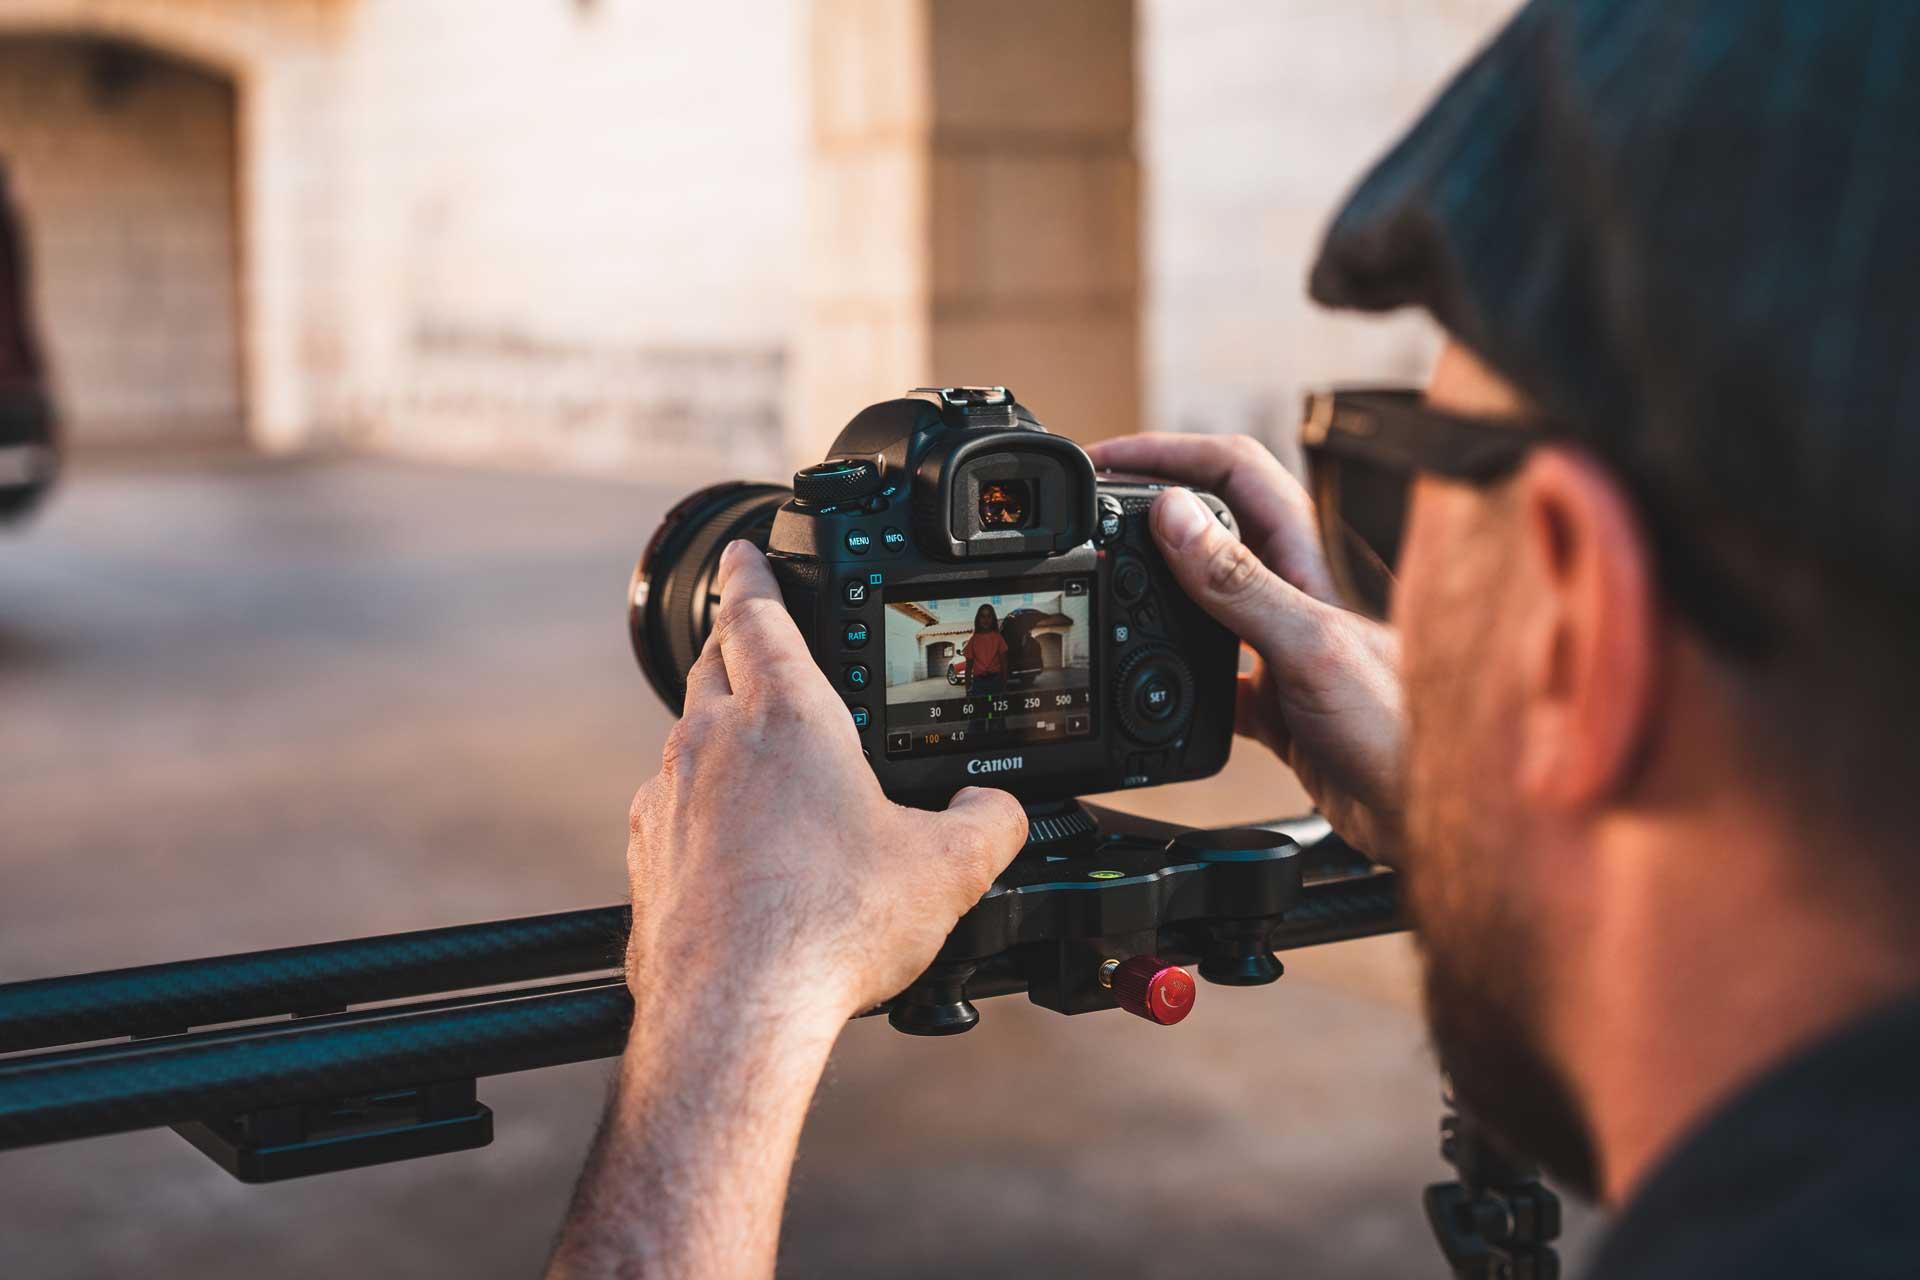 austin-ulen-checking-shot-creative-cannon